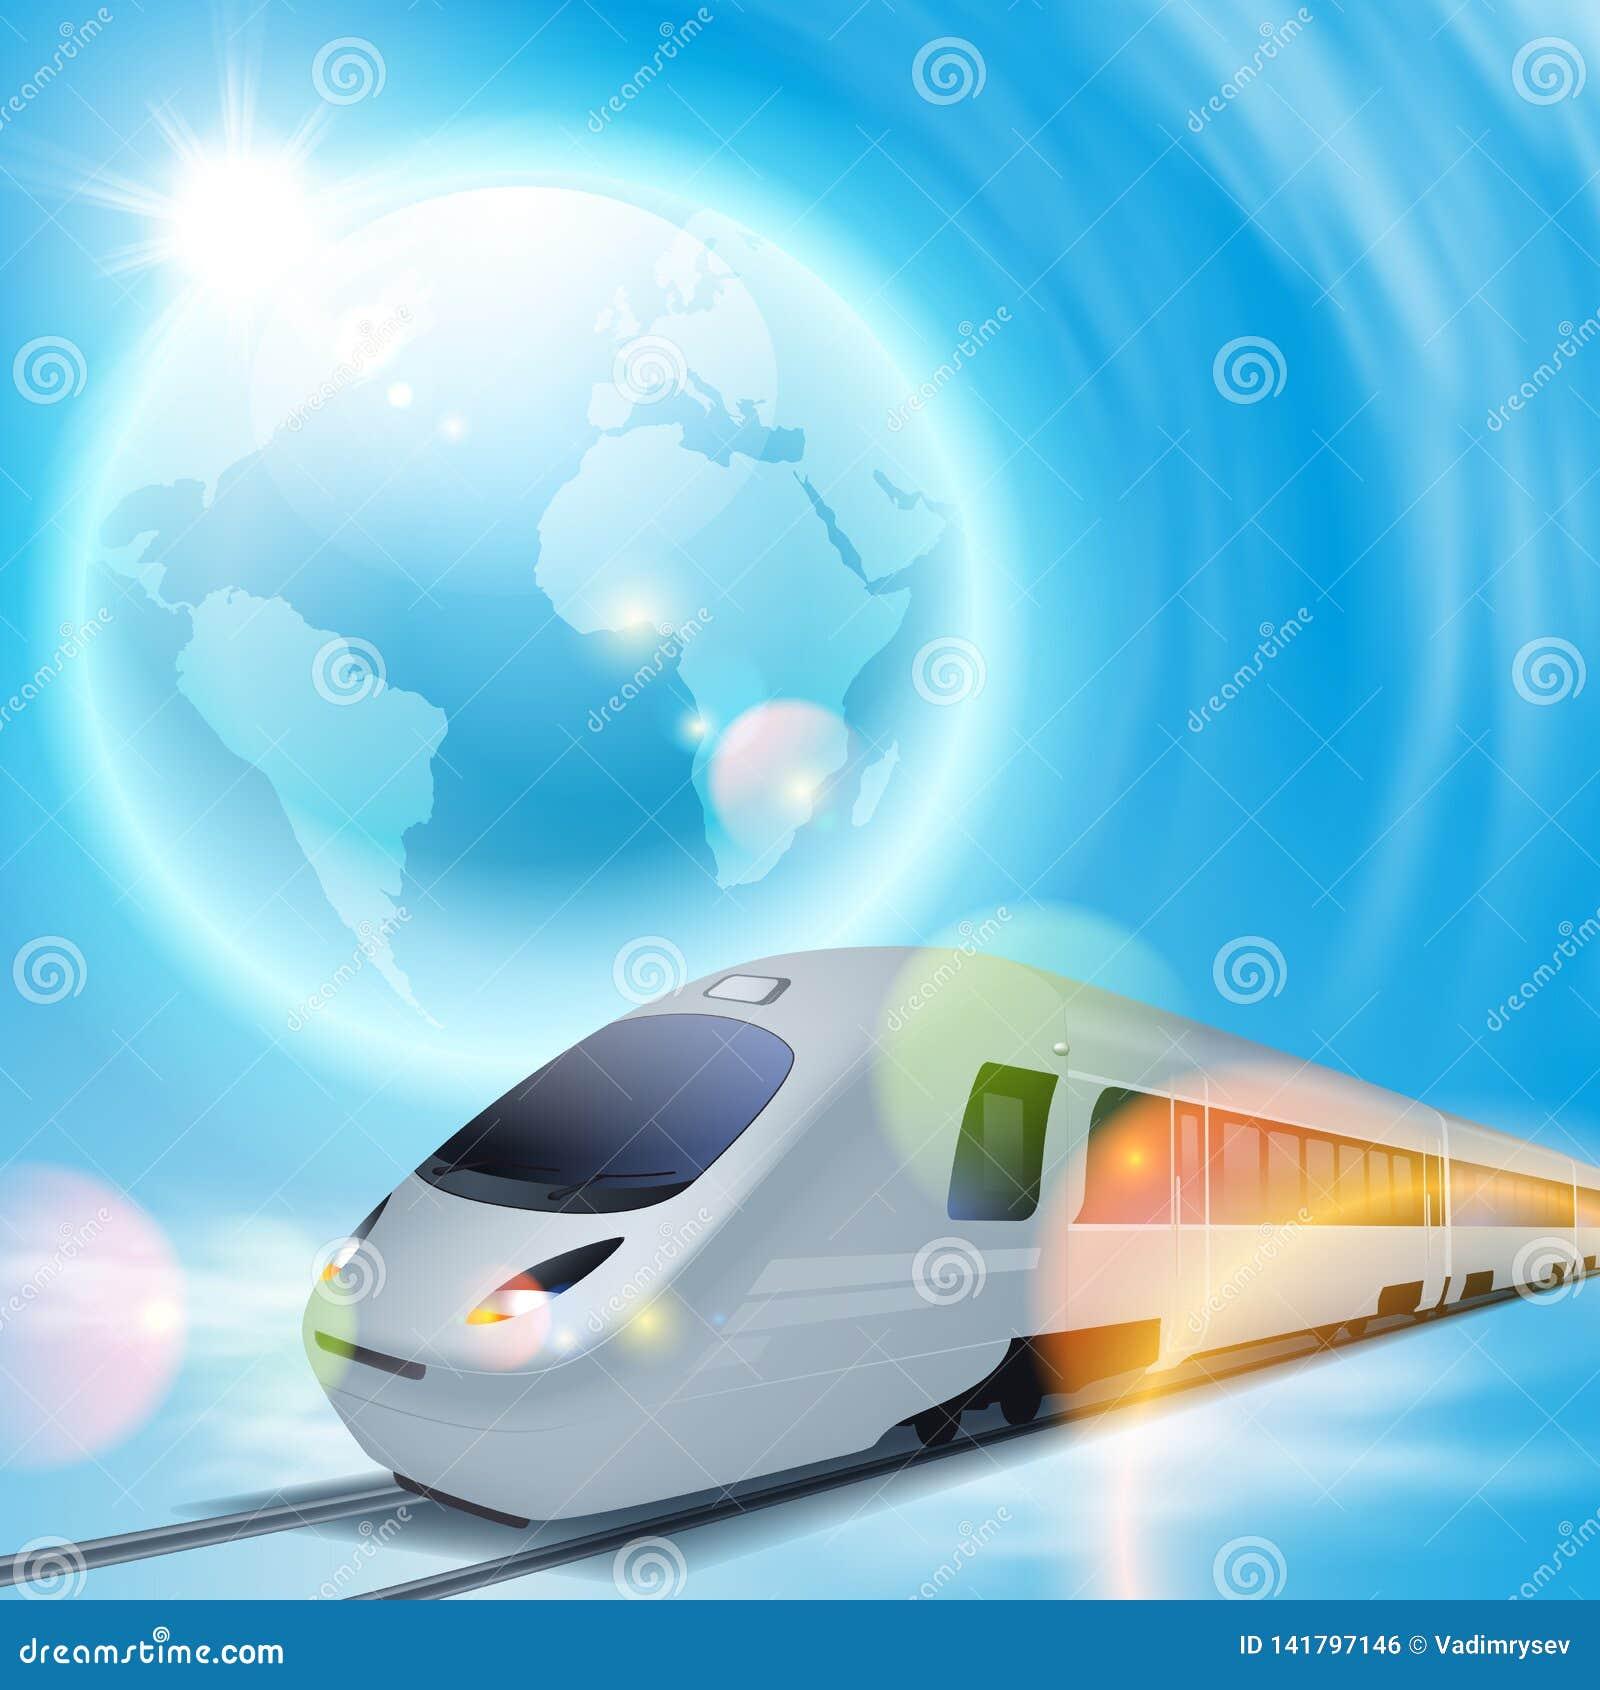 Fondo del concepto con el tren de alta velocidad y el globo